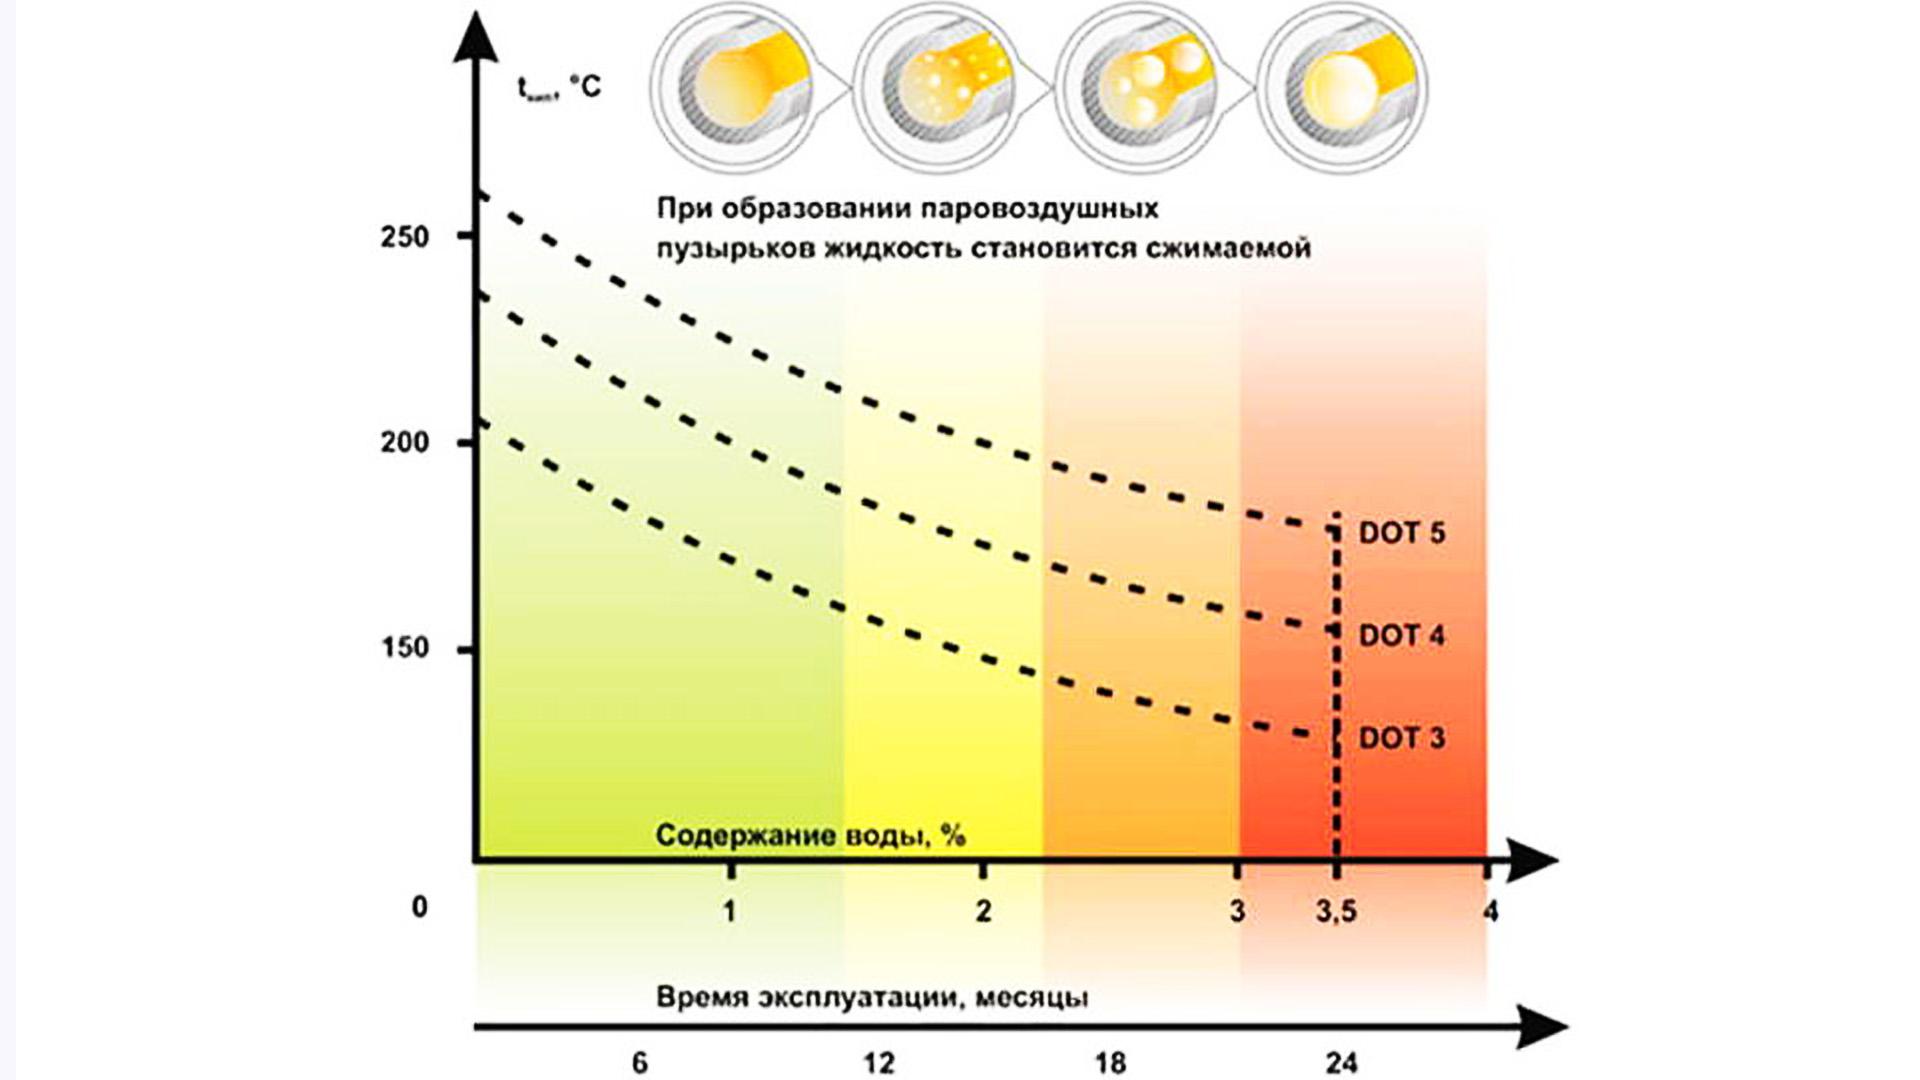 Температуры закипания тормозной жидкости DOT